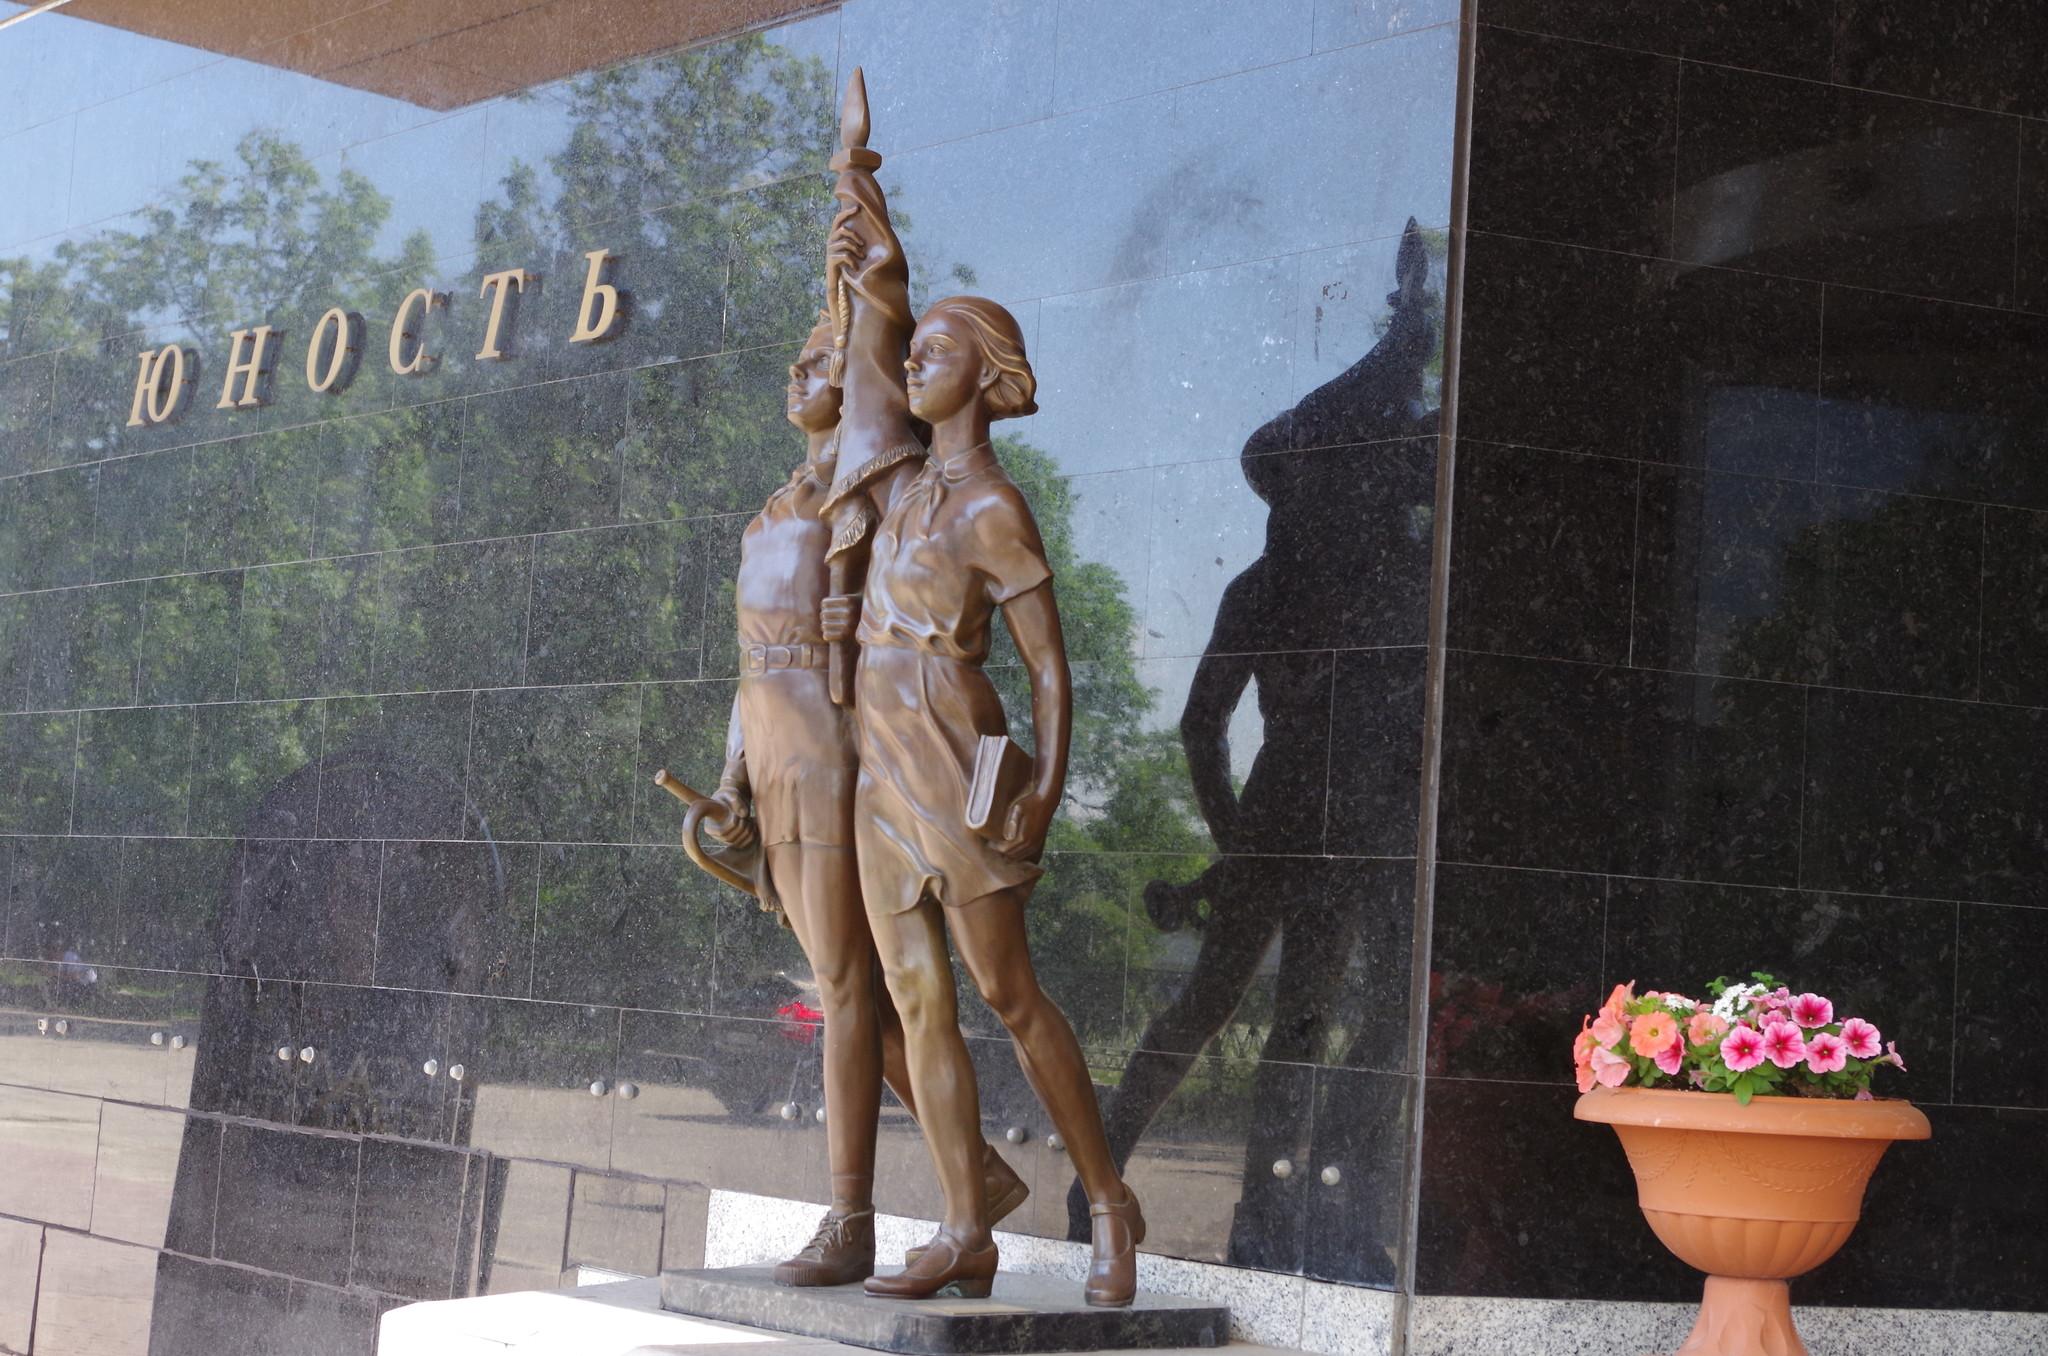 Скульптура «Ностальгия» - работа Катиба Мамедова. Установлена у московской гостиницы «Юность»